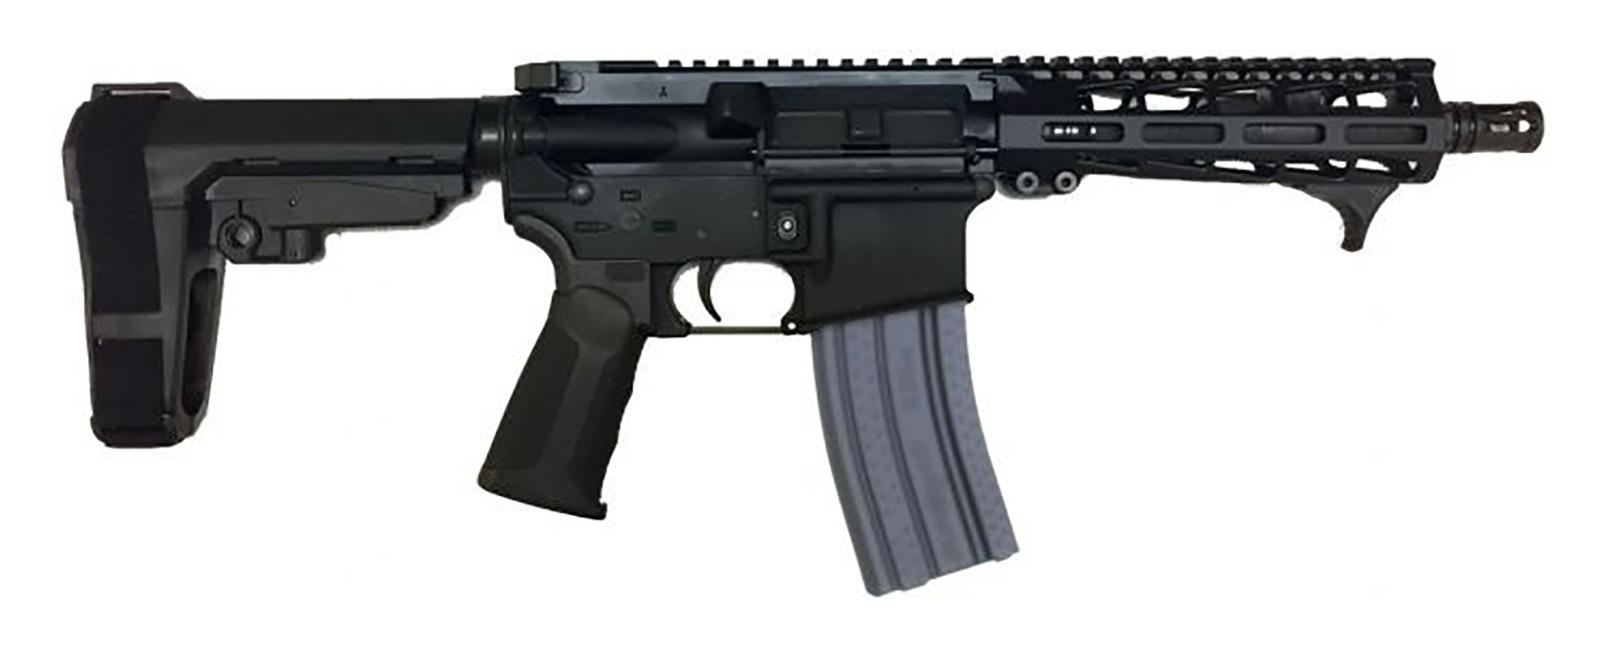 cbc-ps2-forged-aluminum-ar-pistol-5-56-nato-7-5-barrel-7-rail-xtech-grip-karve-p